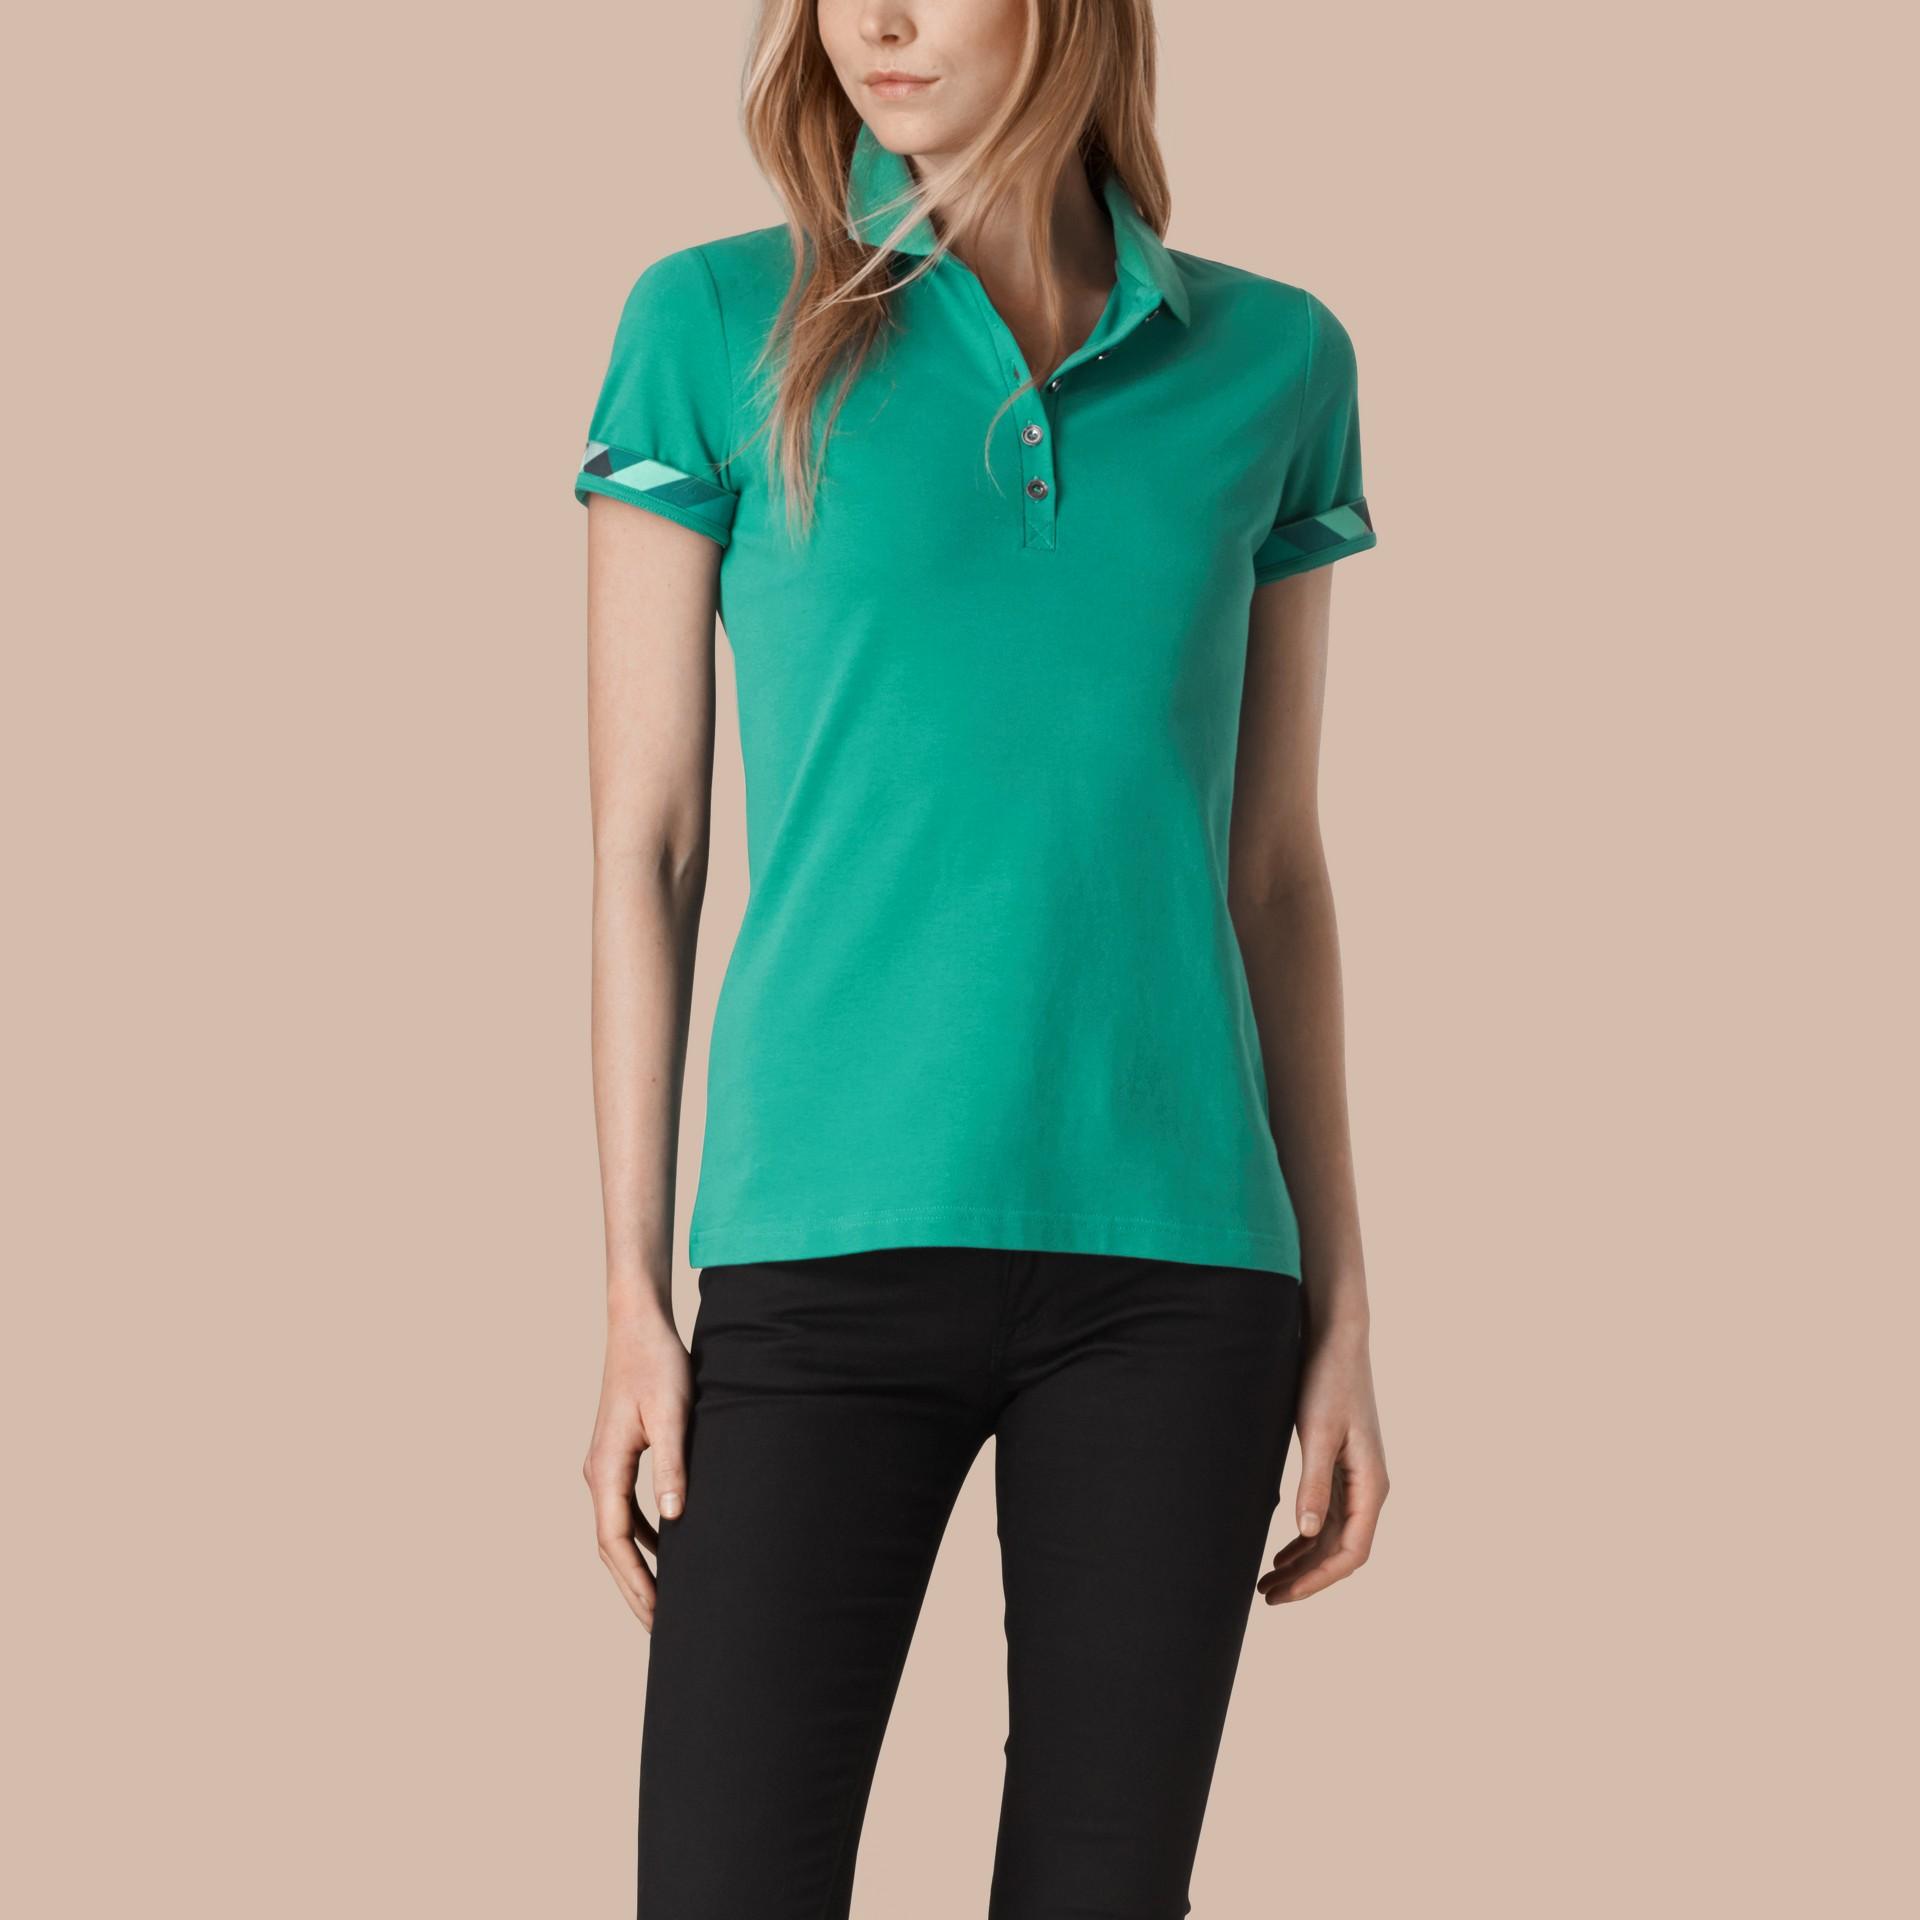 水綠色 格紋飾邊伸縮棉質珠地網眼 Polo 衫 水綠色 - 圖庫照片 1